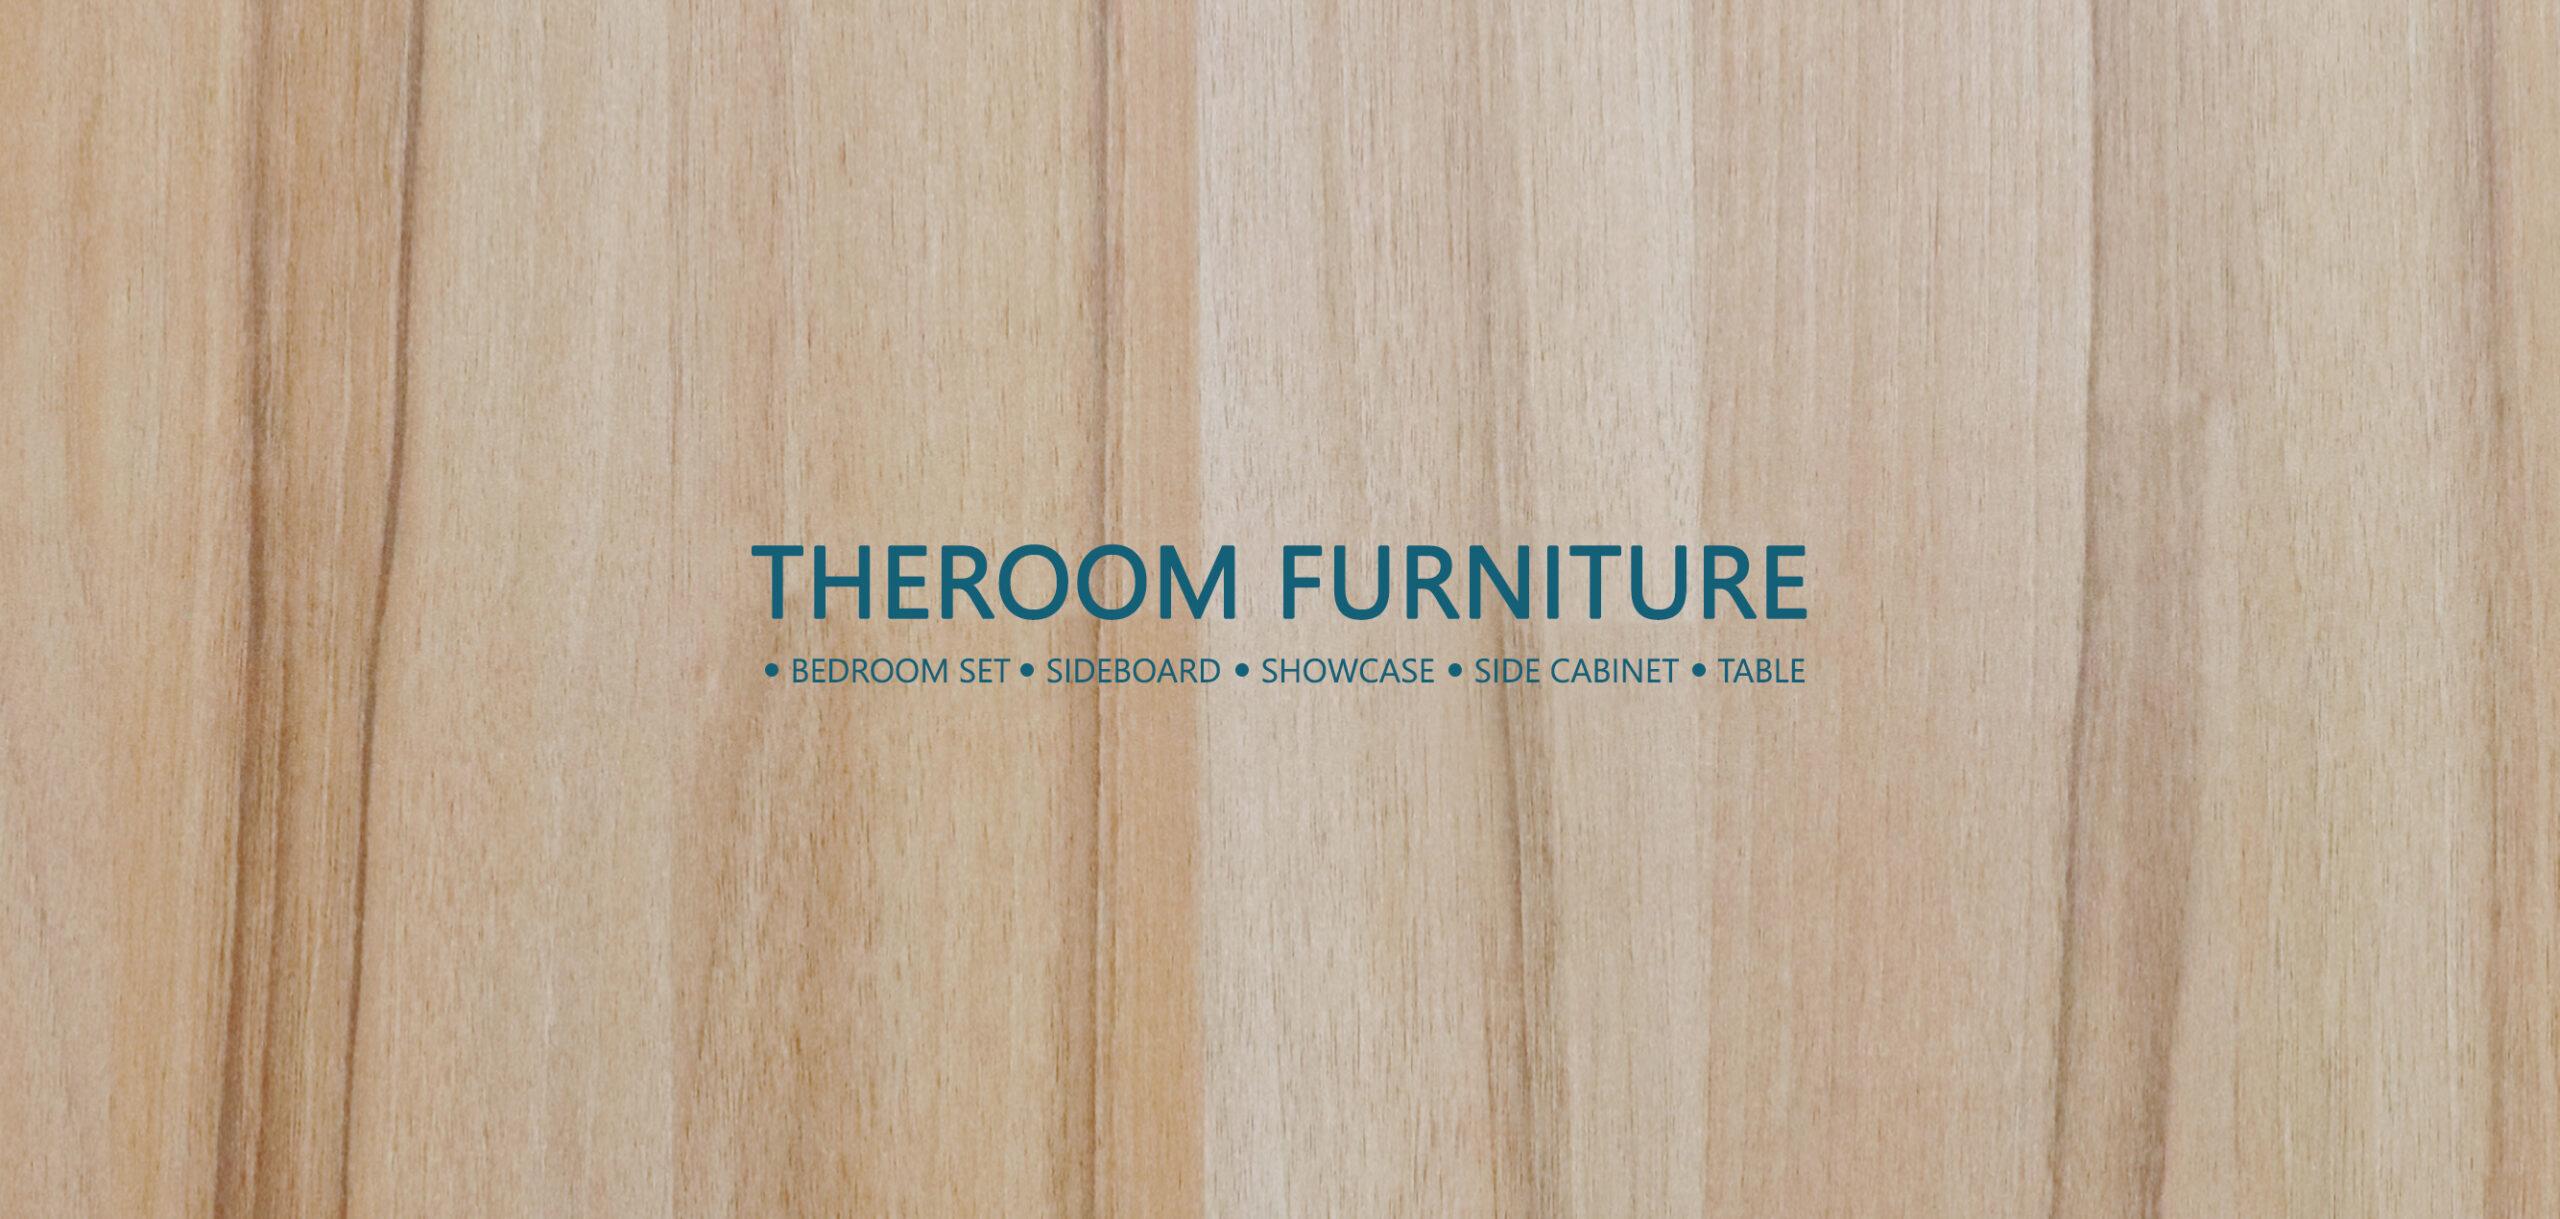 slider_theroom furniture_